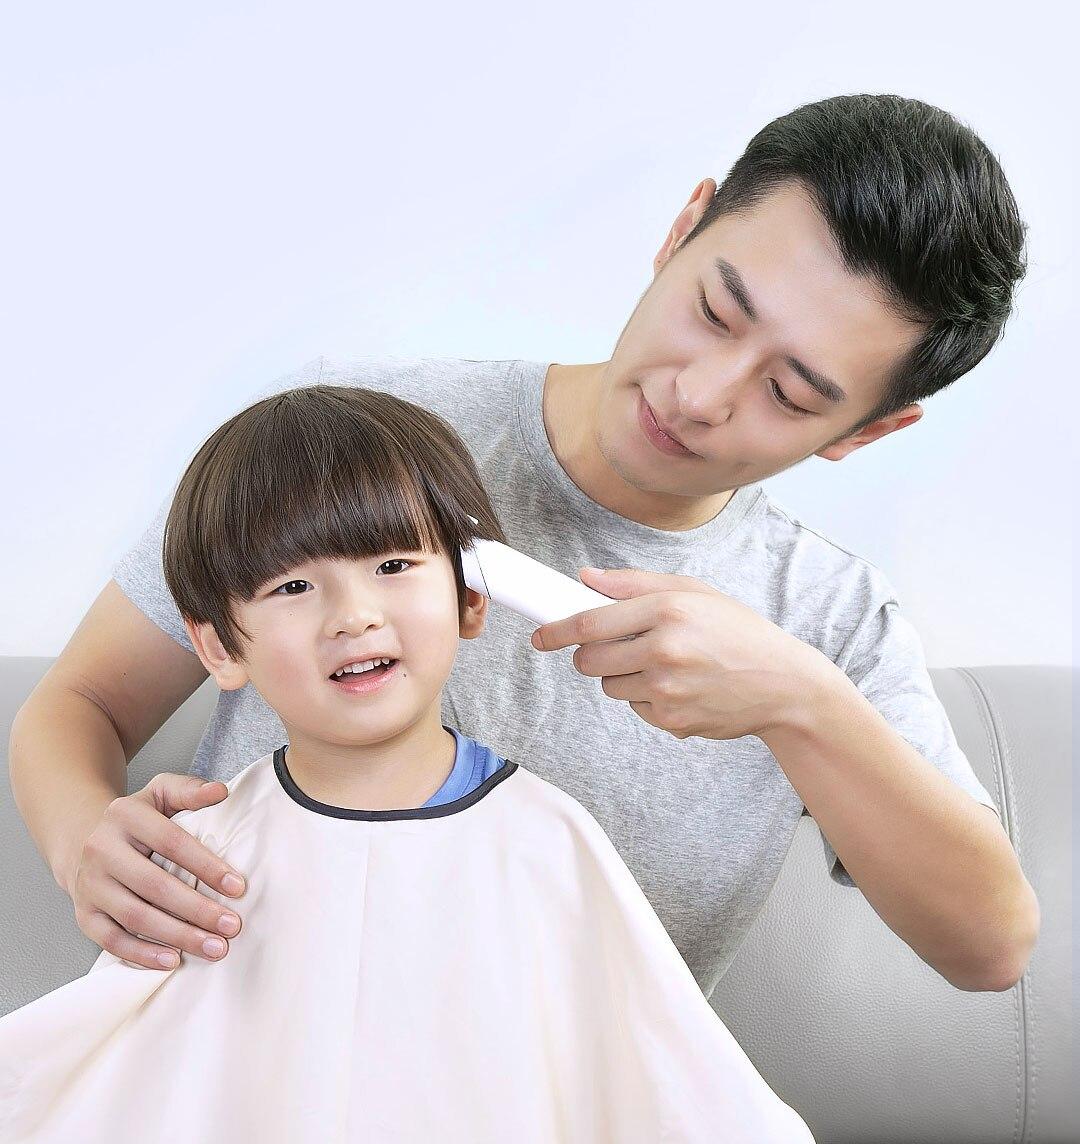 100% Original XiaoMi ENCHEN Powerful Hair Clipper Professional Hair Clipper Men Electric Cutting Machine Hair Clipper Hairdress 2